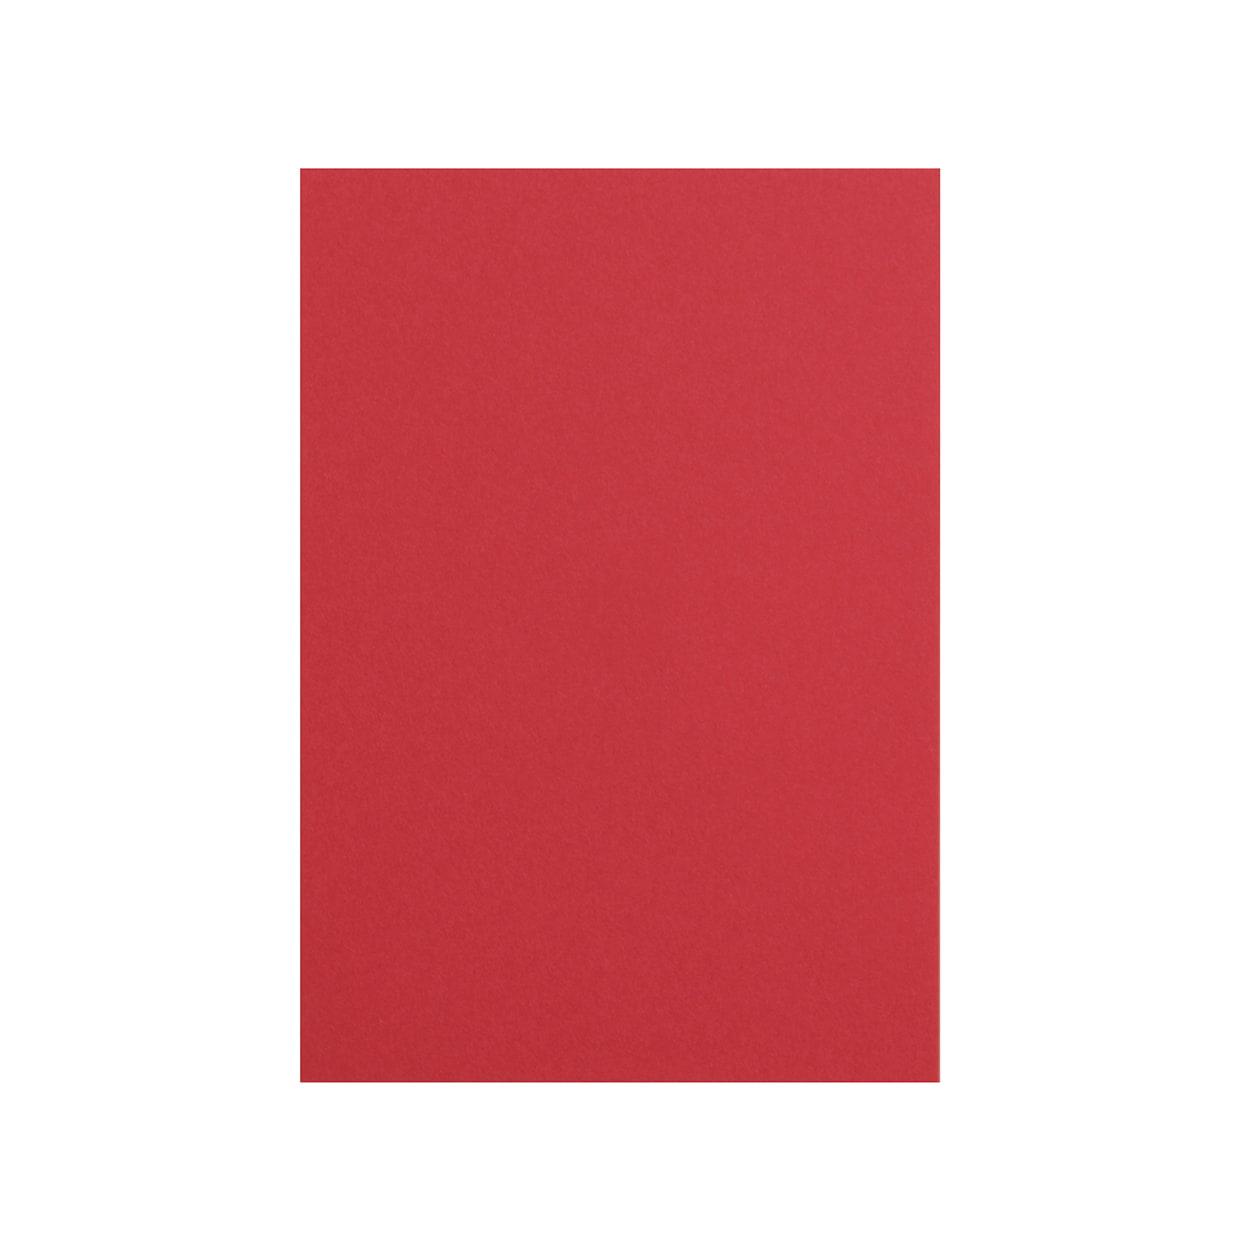 Pカード コットン(NTラシャ) 赤 151.2g